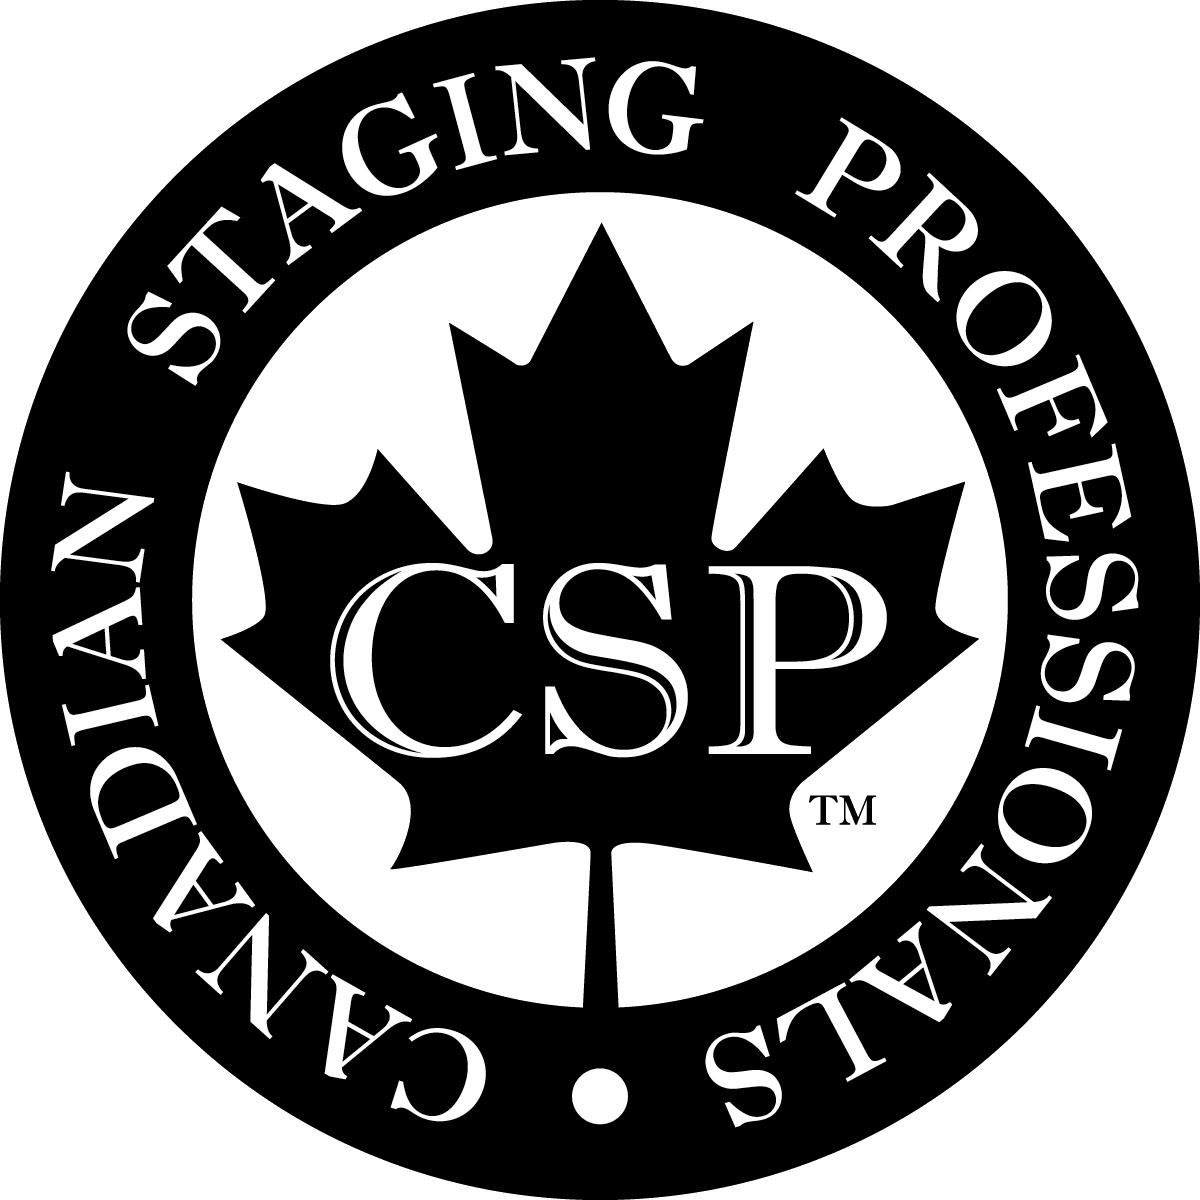 CSP_logo_bwV2.png